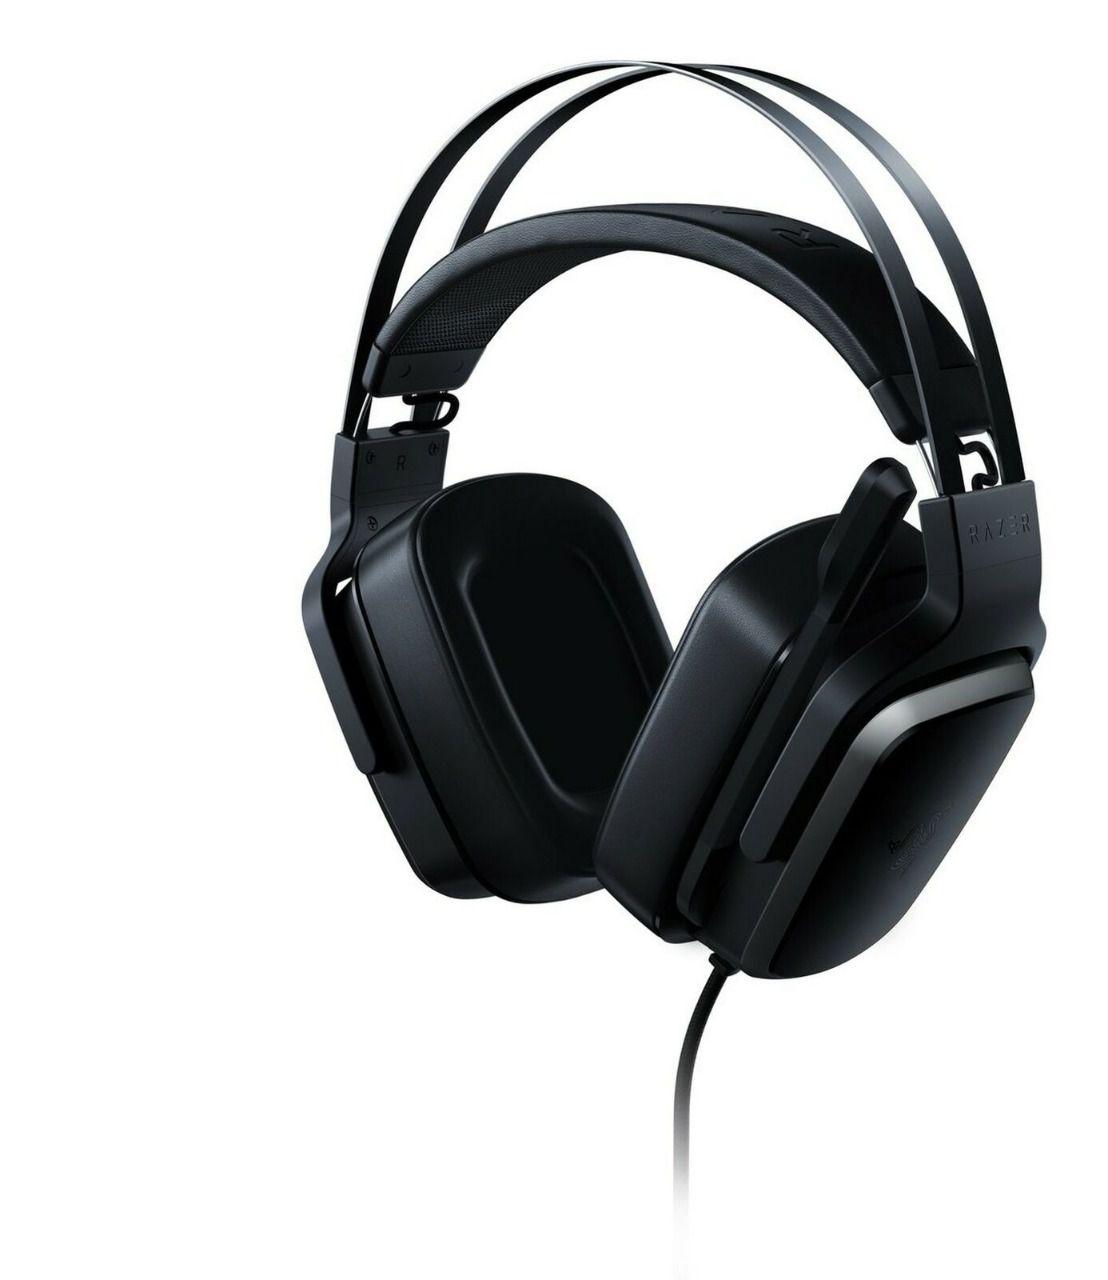 Headset Razer Tiamat 7.1 v2 preto